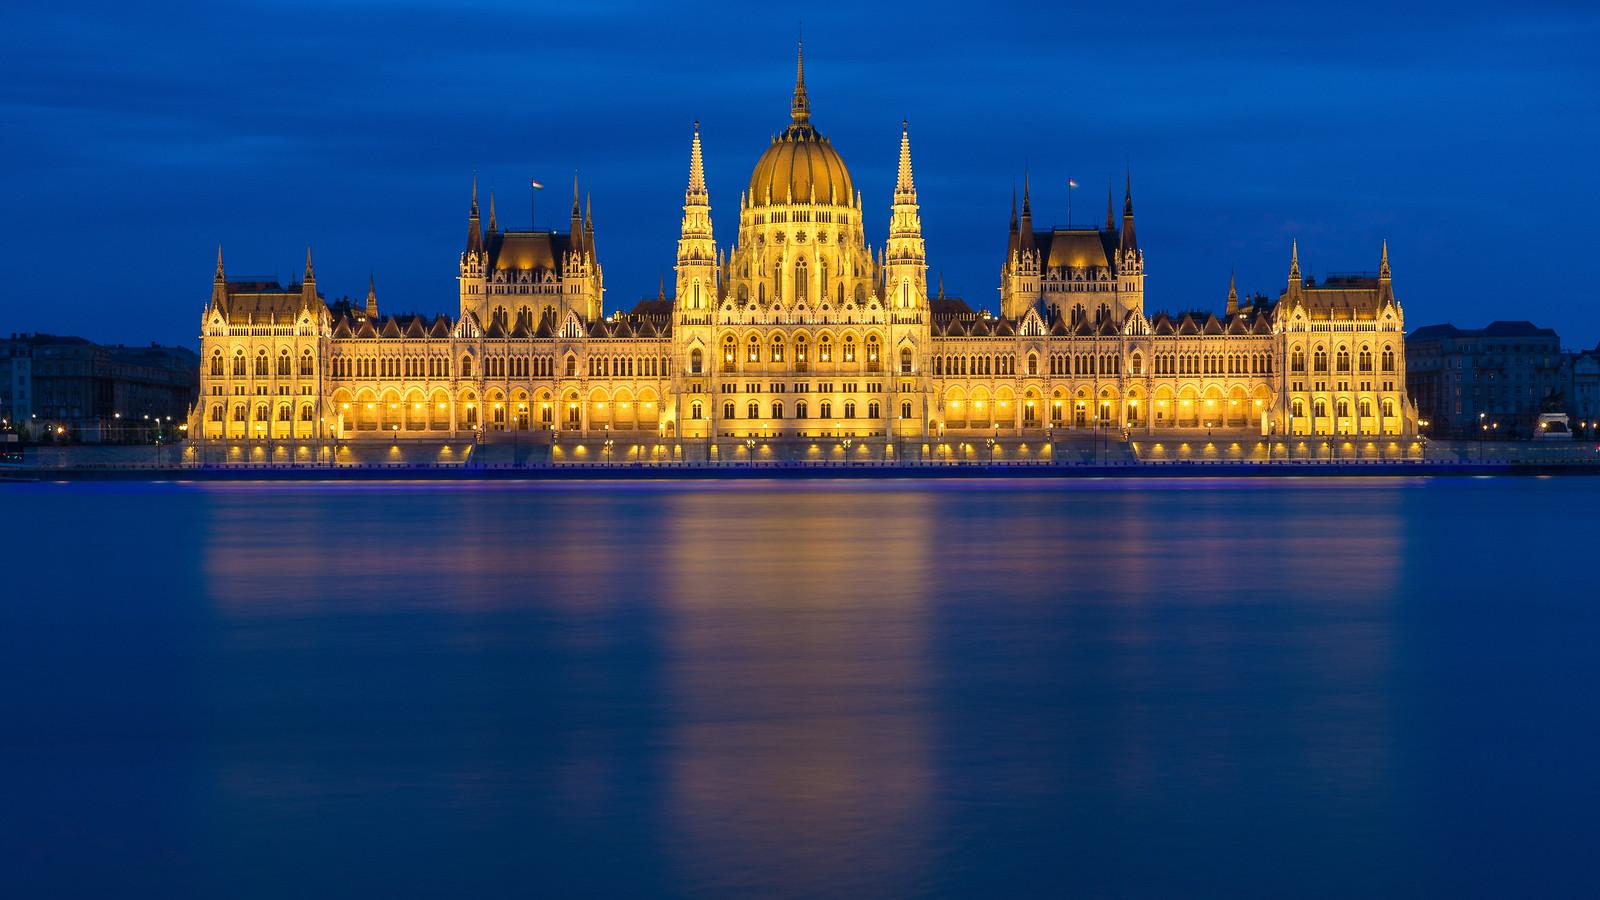 Parlament a kék órában a budai oldalról, extrém hosszú záridővel (65 mp). 5db 13 másodperces expó átlagolva. Sony RX100 M3